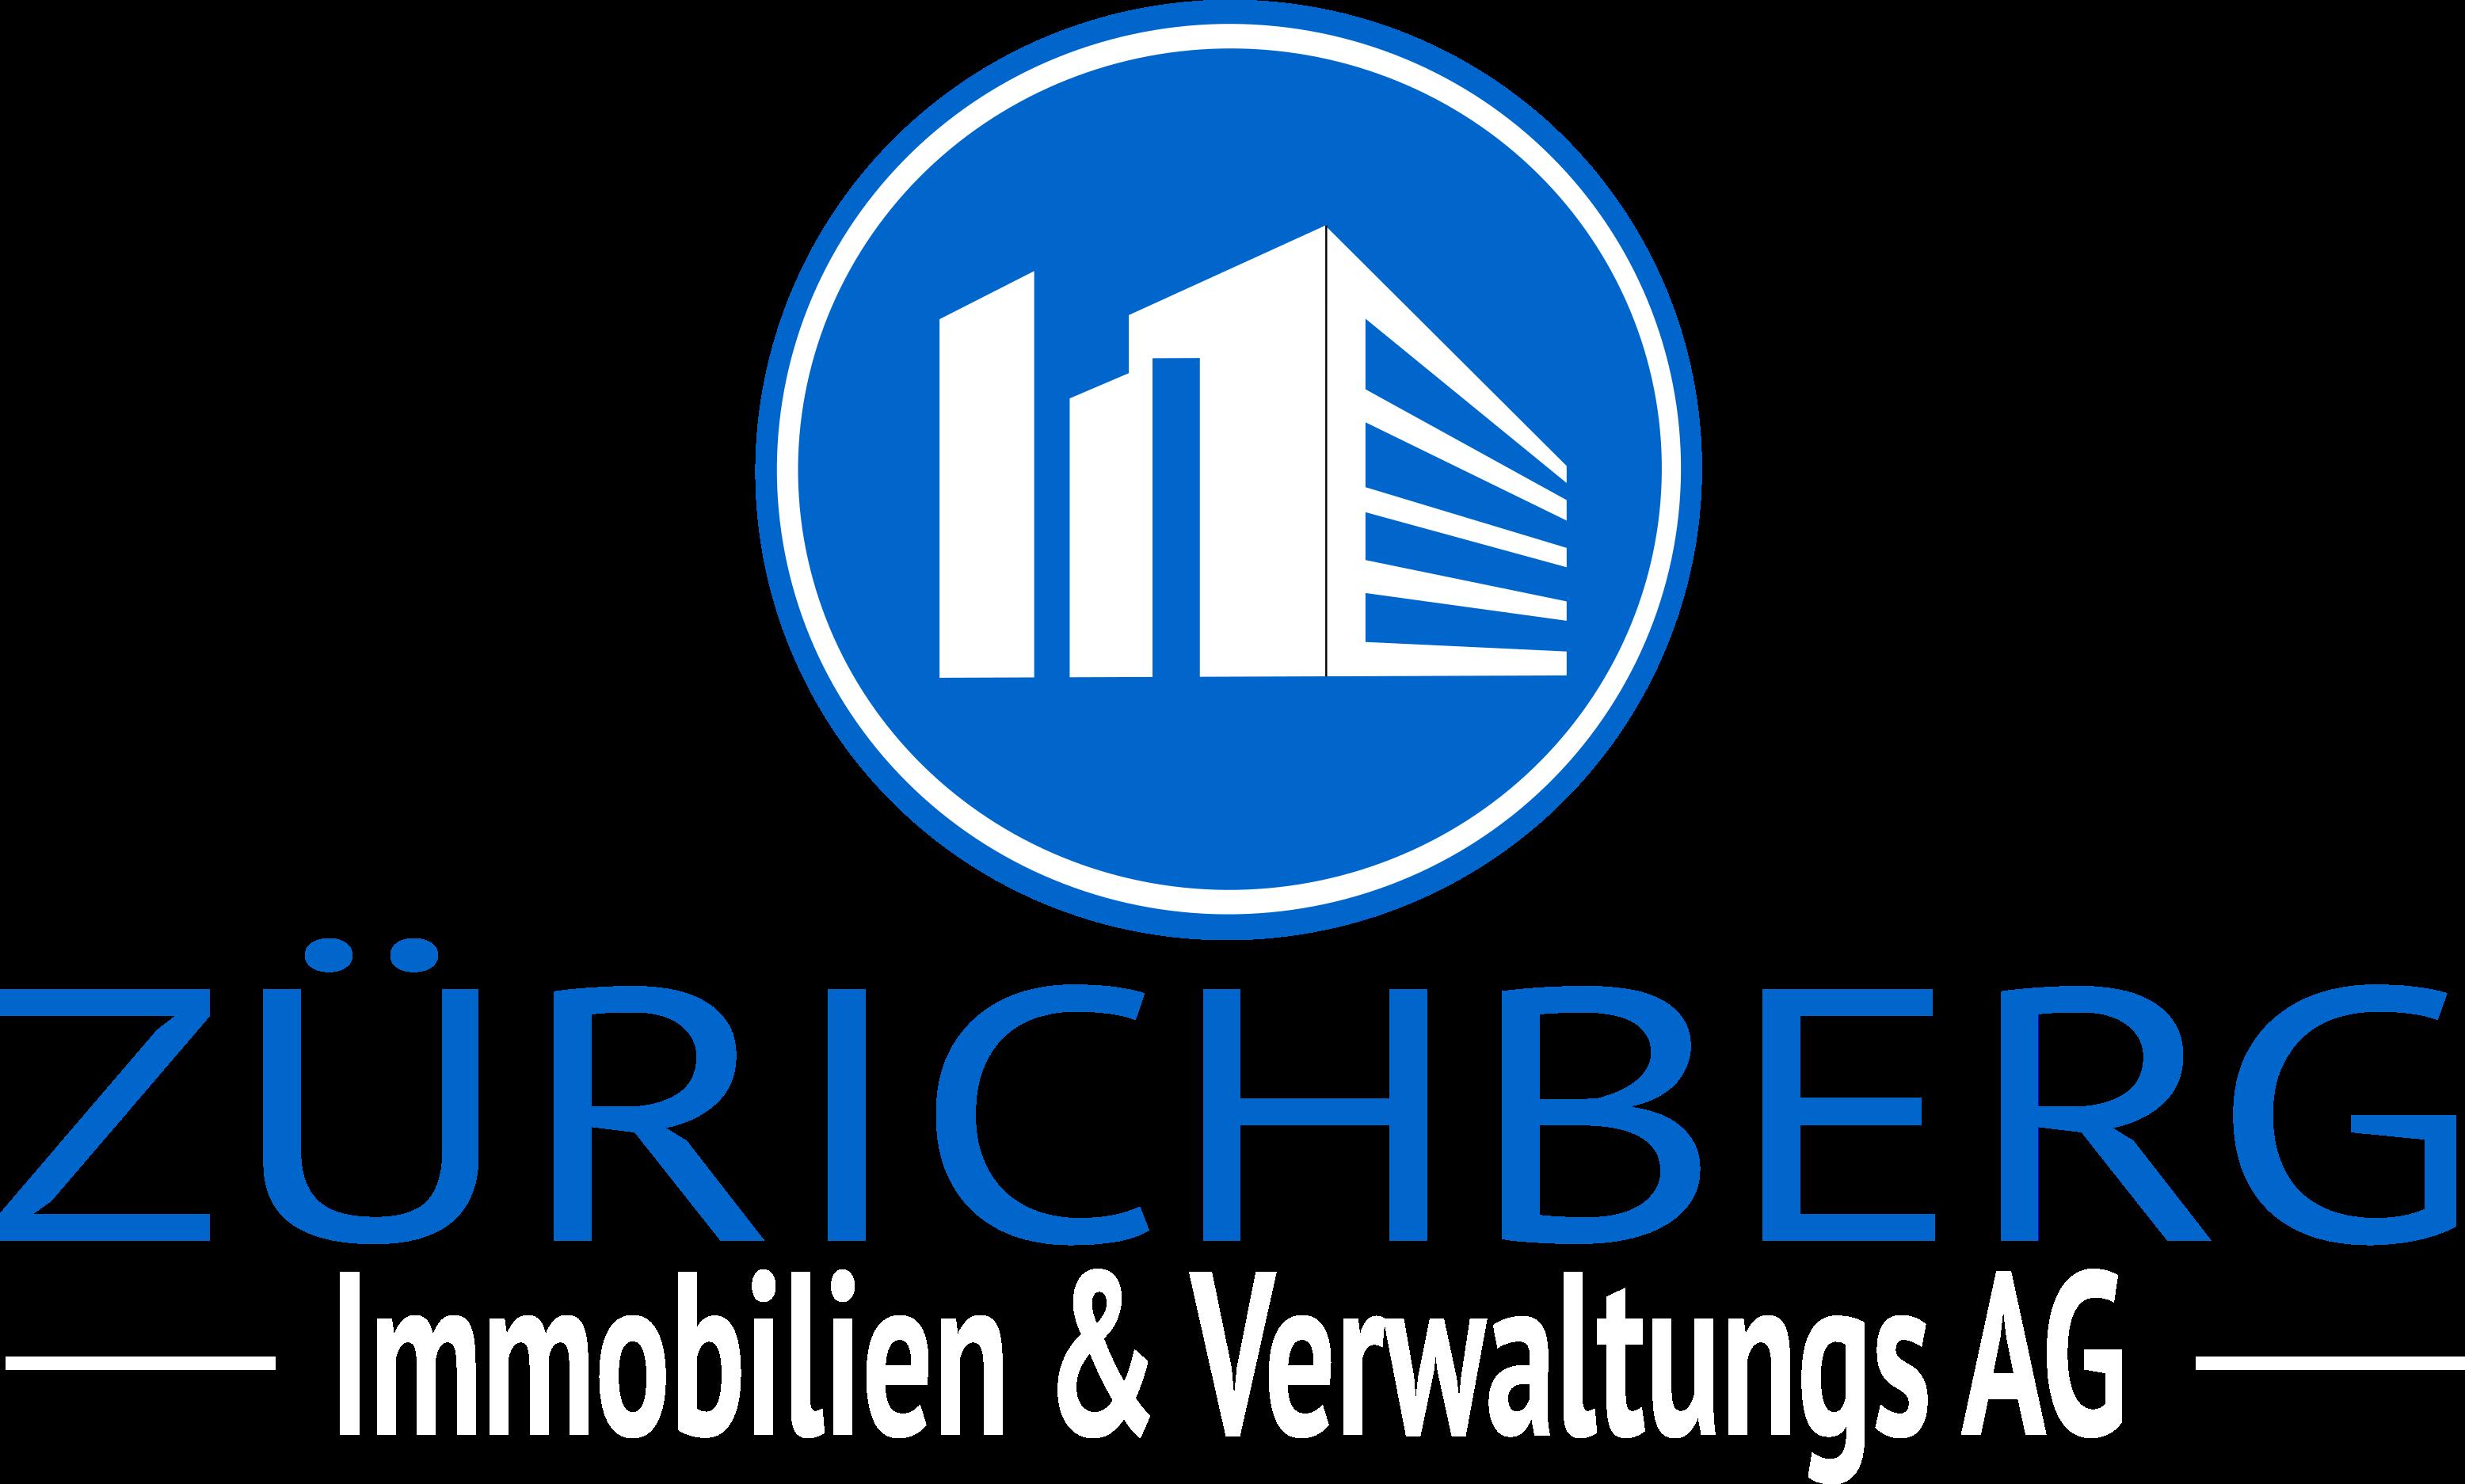 ZÜRICHBERG IMMOBILIEN- UND VERWALTUNGS AG